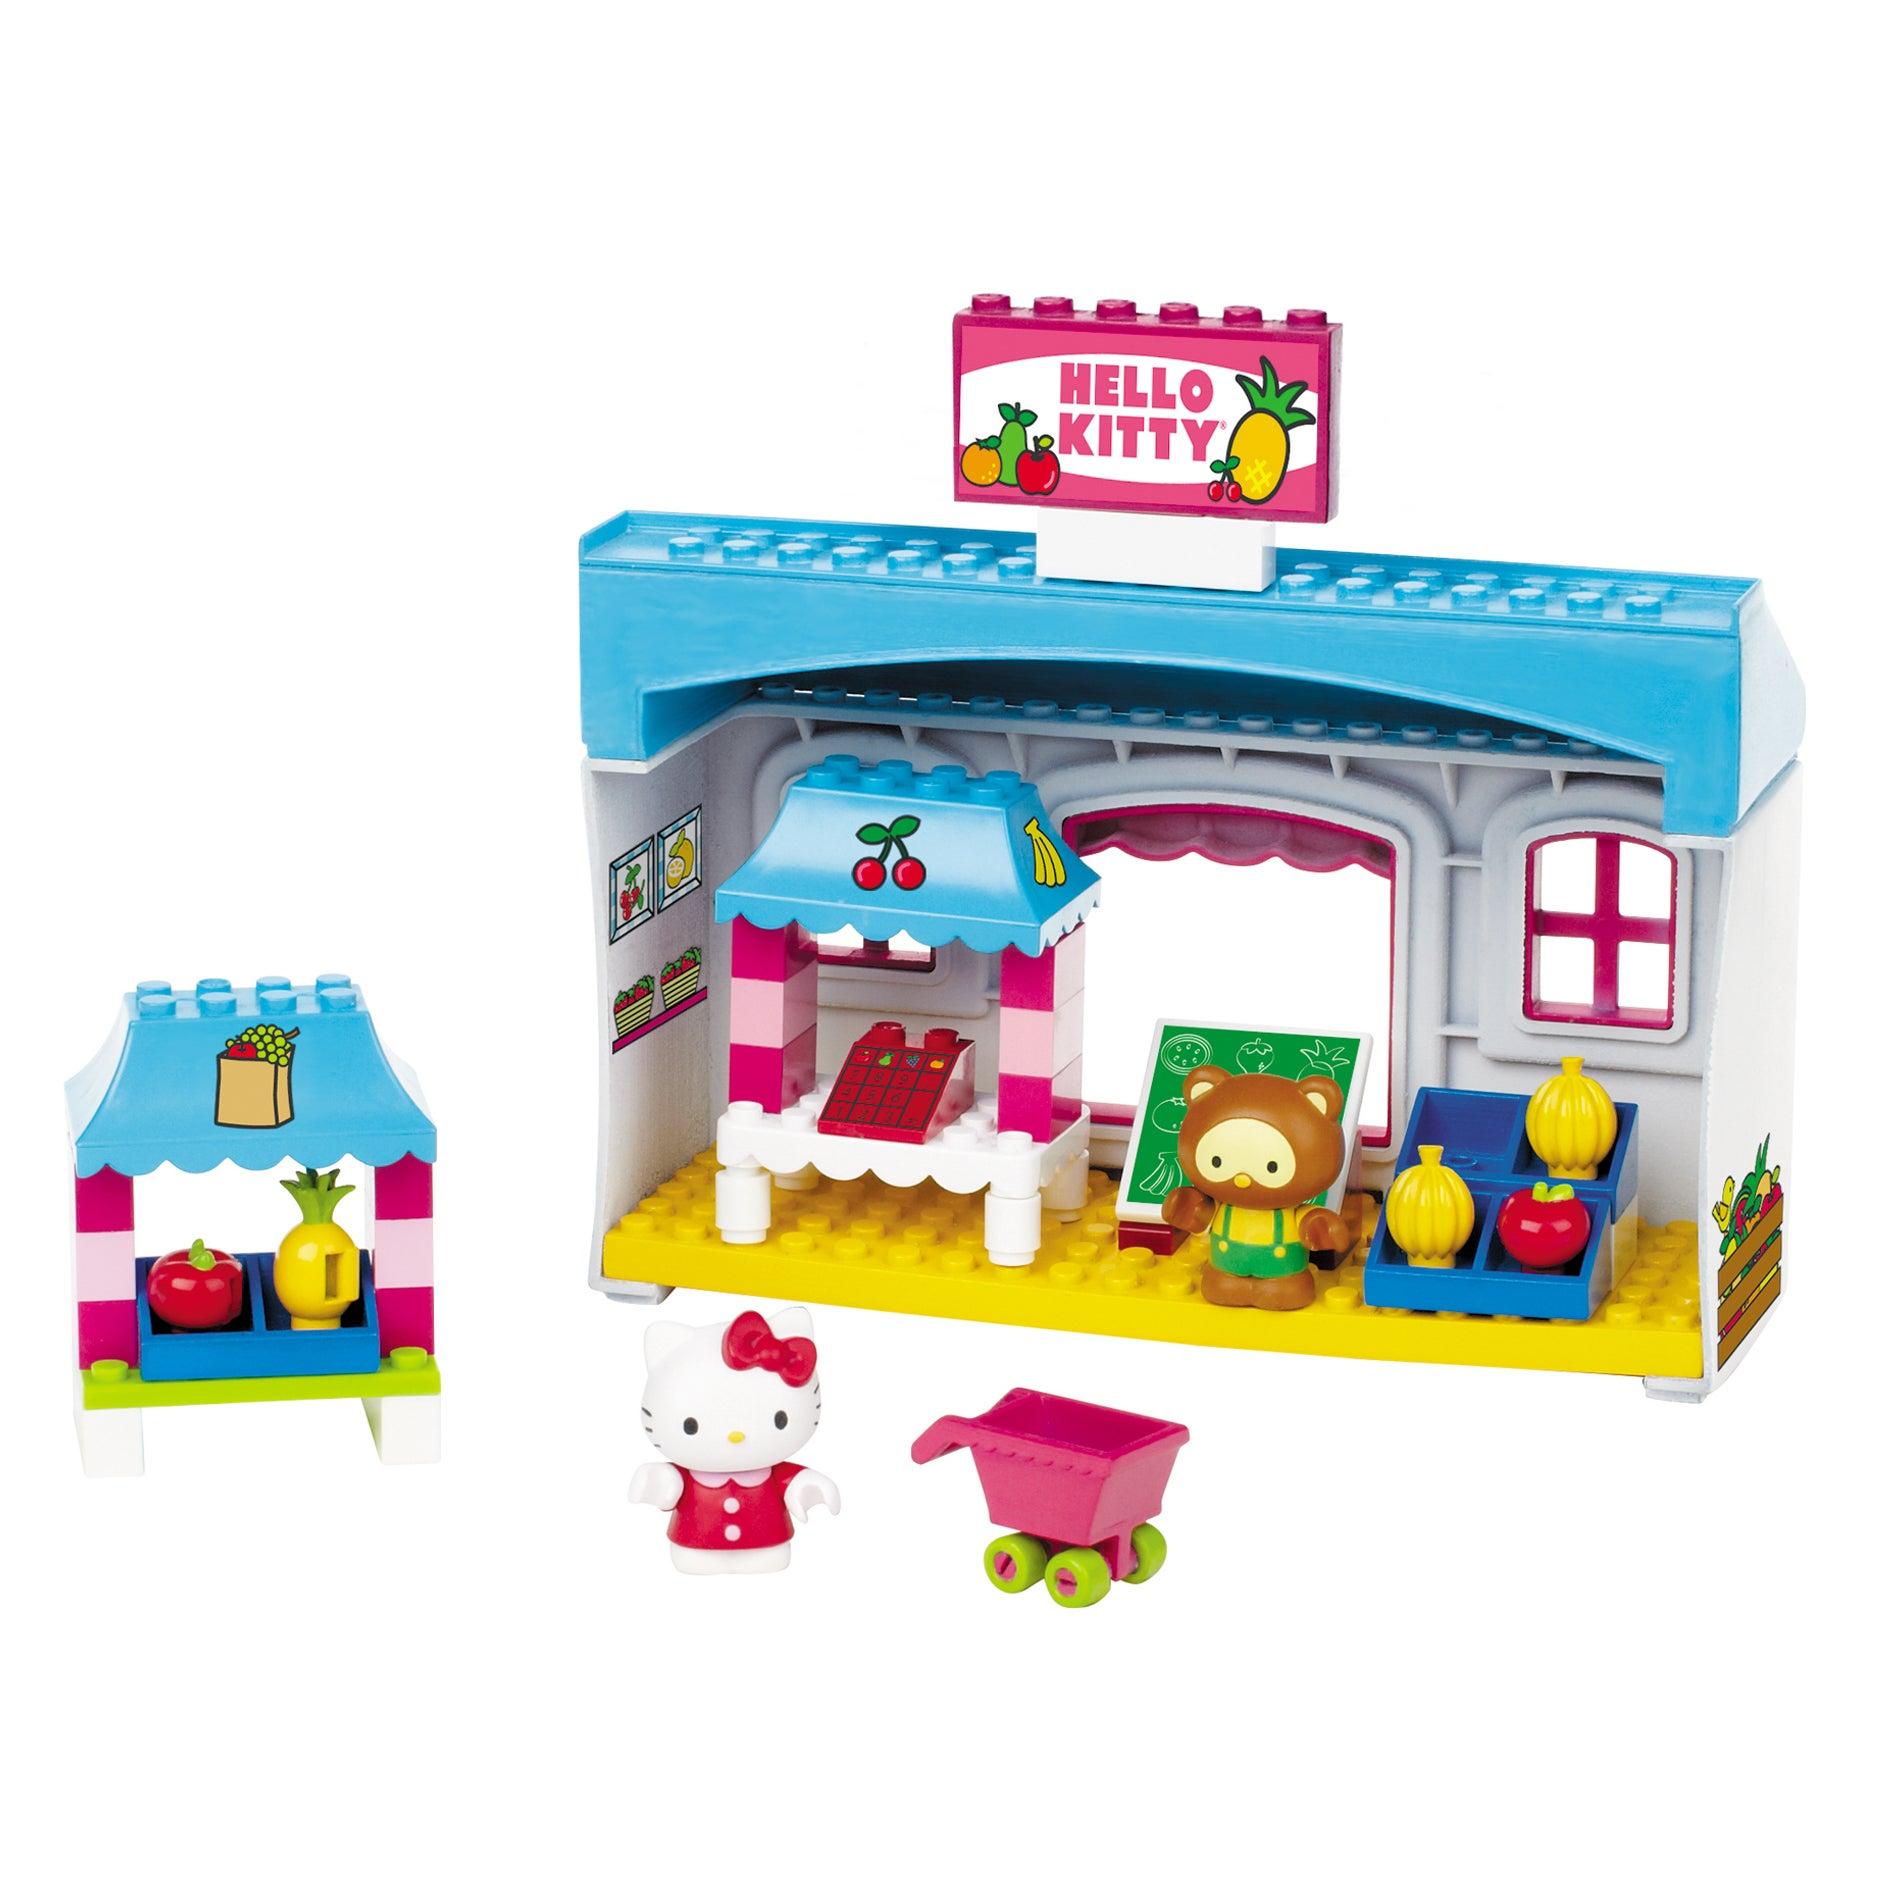 Mega Bloks Hello Kitty Fruit Market Playset